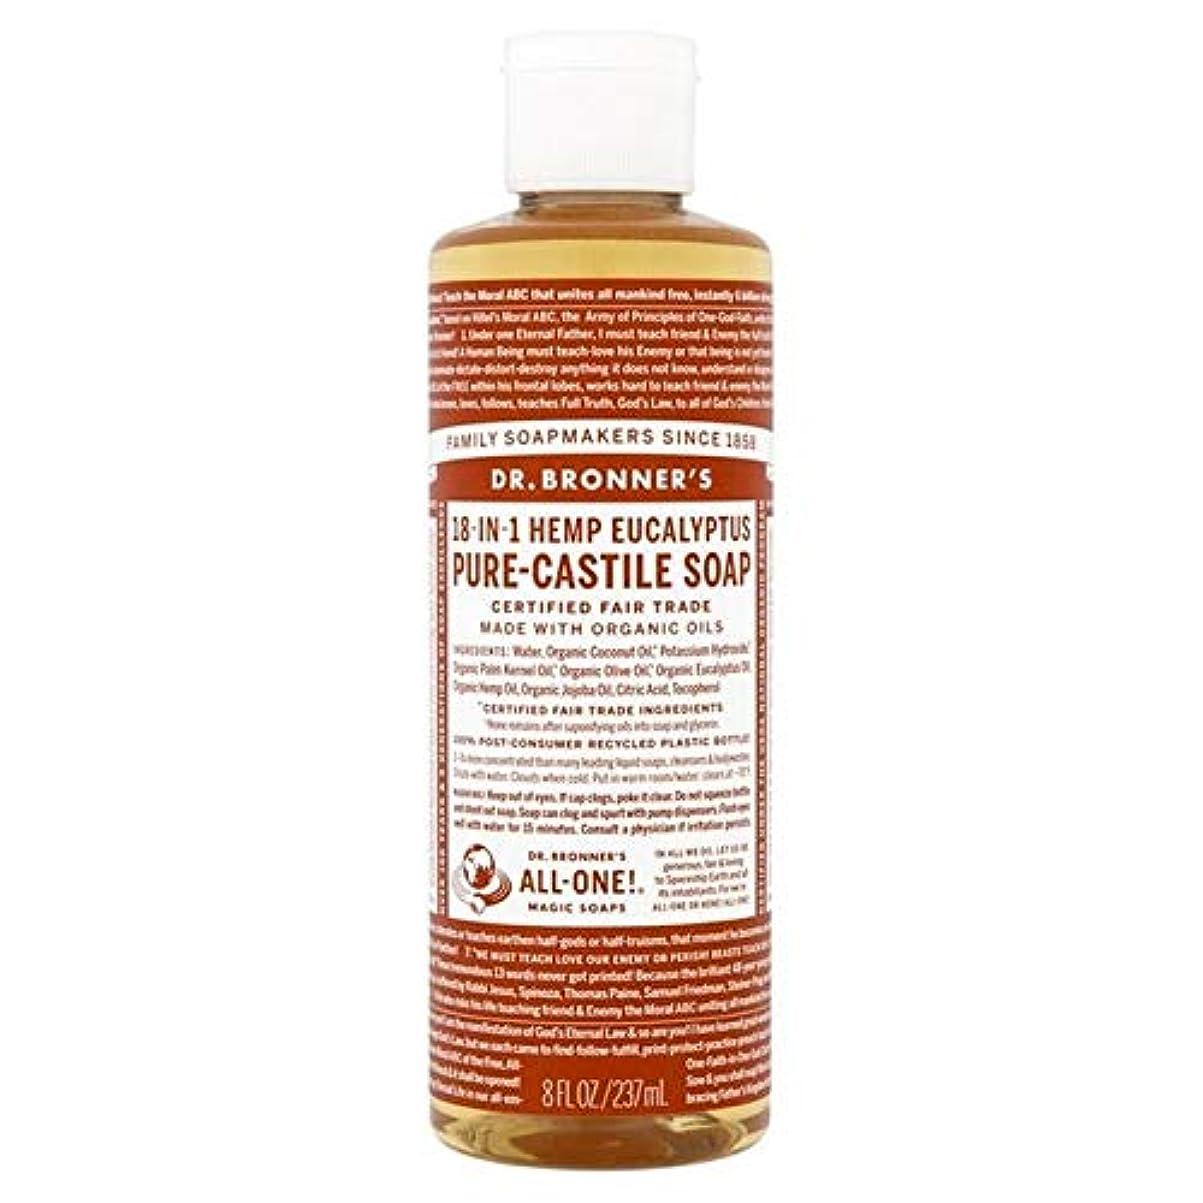 うそつき株式恐れ[Dr Bronner] Dr。ブロナーズ有機ユーカリの純粋な-カスティーリャ液体石鹸237ミリリットル - Dr. Bronner's Organic Eucalyptus Pure-Castile Liquid Soap...